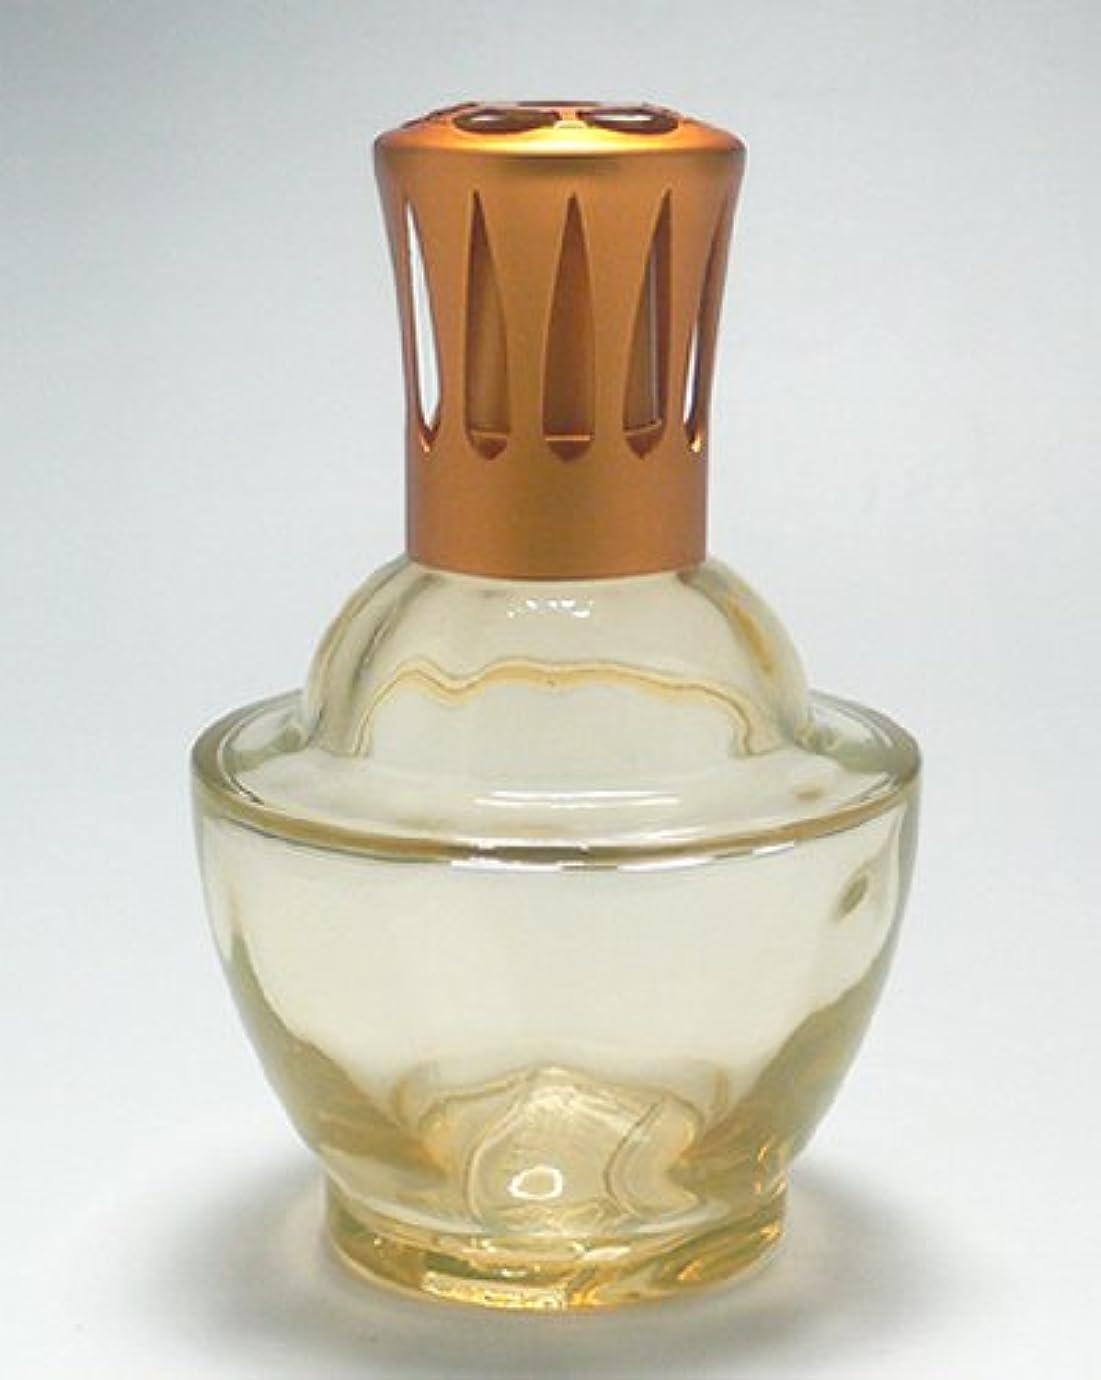 浜辺バーガー勧める【ランプベルジェ】 ガラスランプ ファウンテン 3249 オレンジ